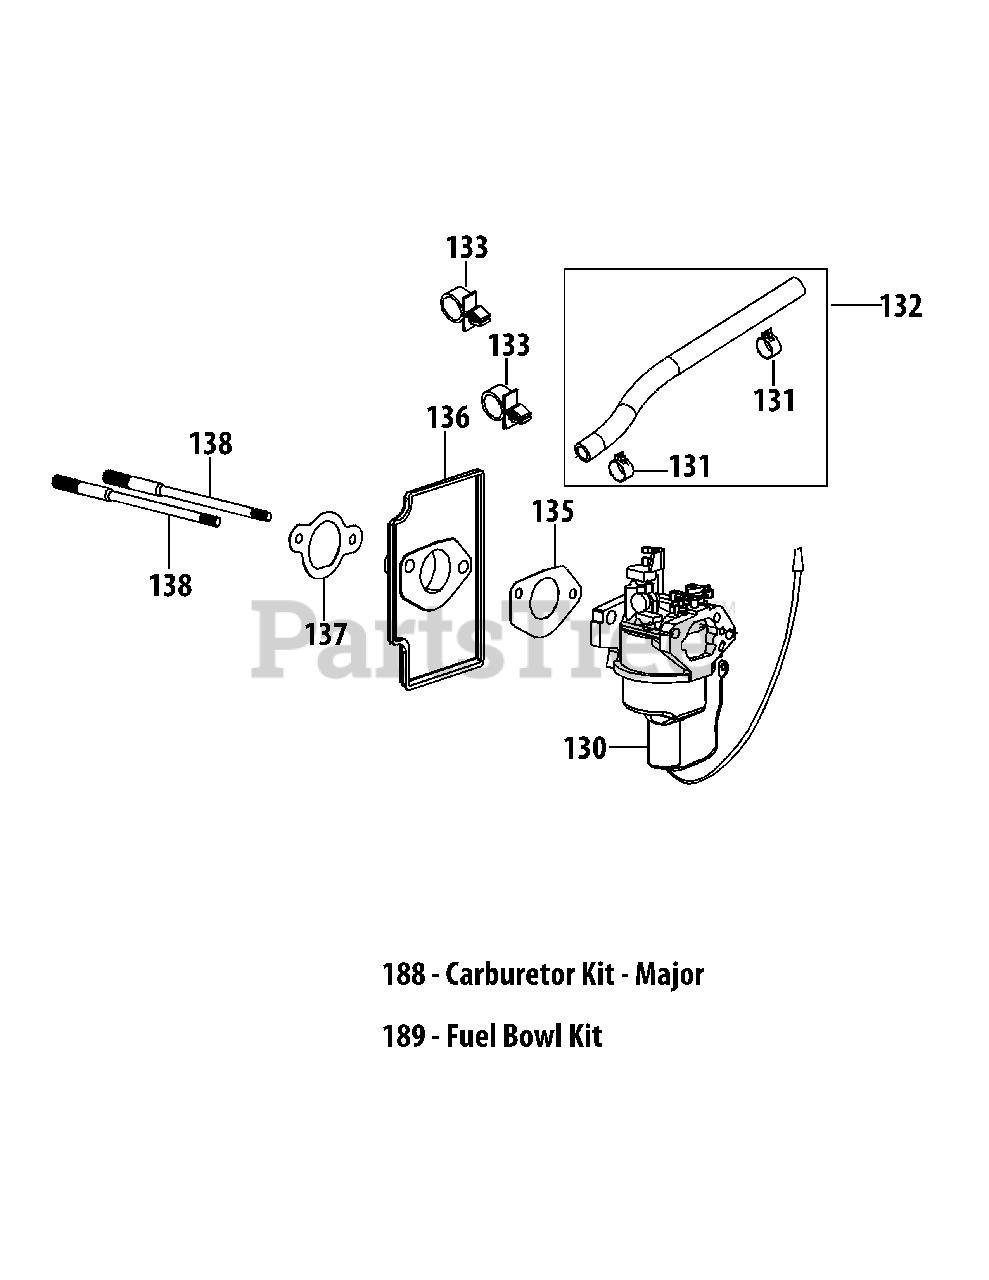 [ANLQ_8698]  Cub Cadet 4P90MUC - Cub Cadet OHV Engine 4P90MUC Carburetor Assembly Parts  Lookup with Diagrams | PartsTree | Before Ohv Engine Diagram |  | PartsTree